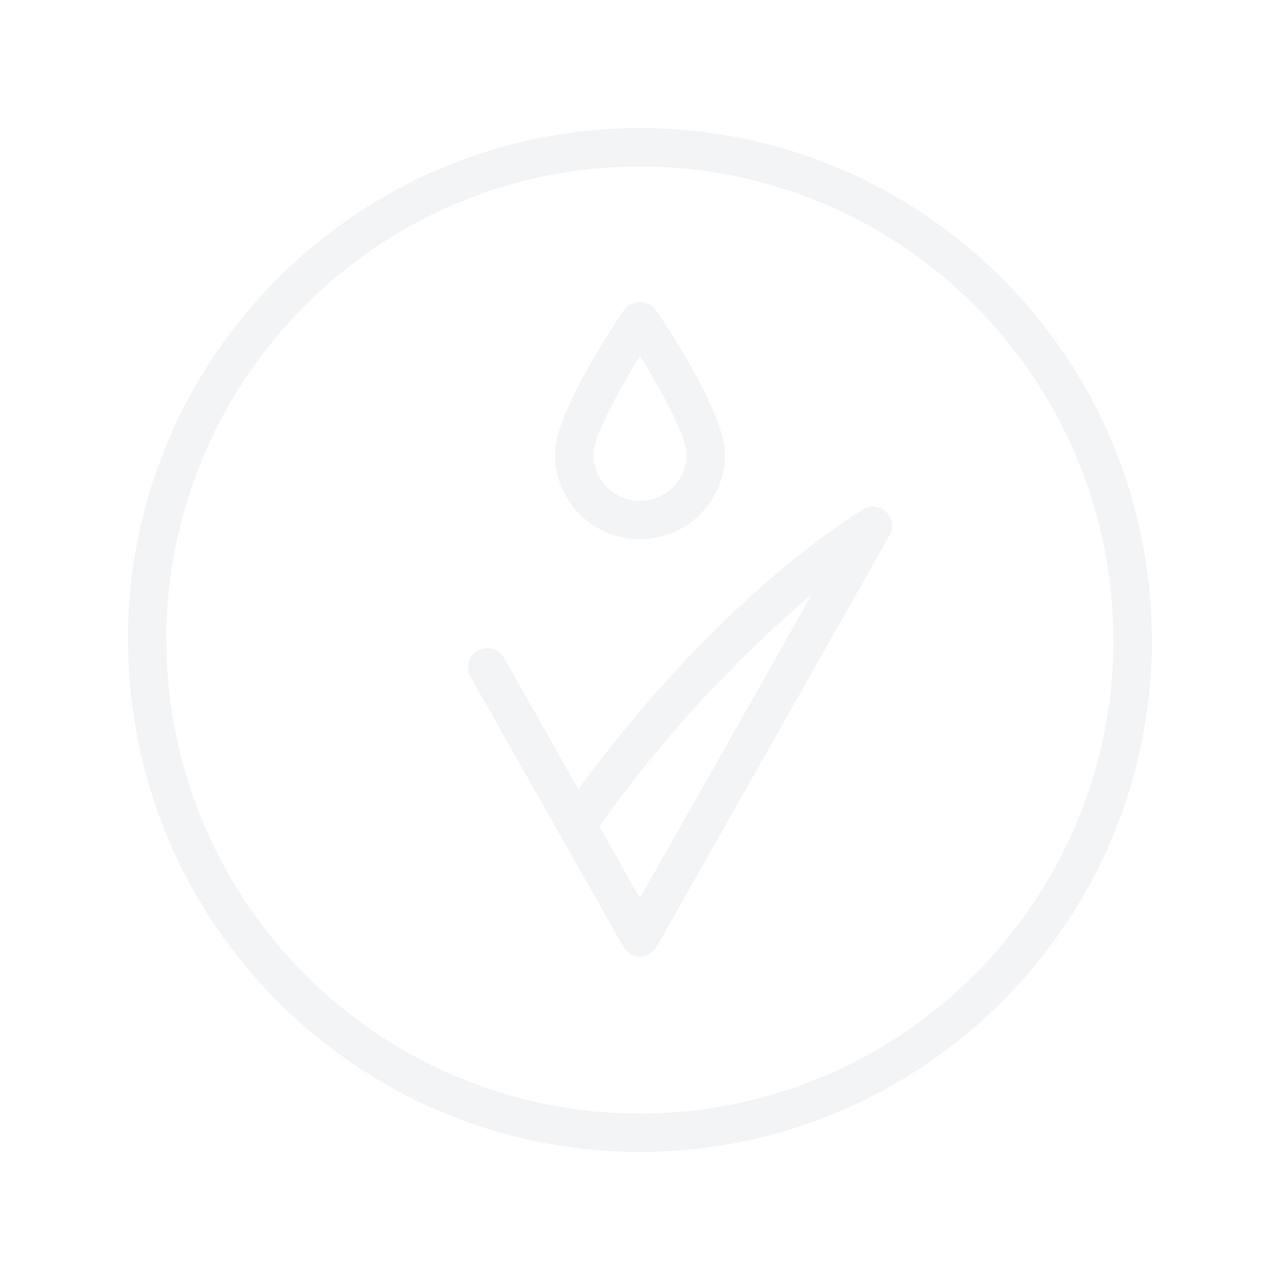 WELLA PROFESSIONALS Invigo Senso Calm Shampoo 1000ml